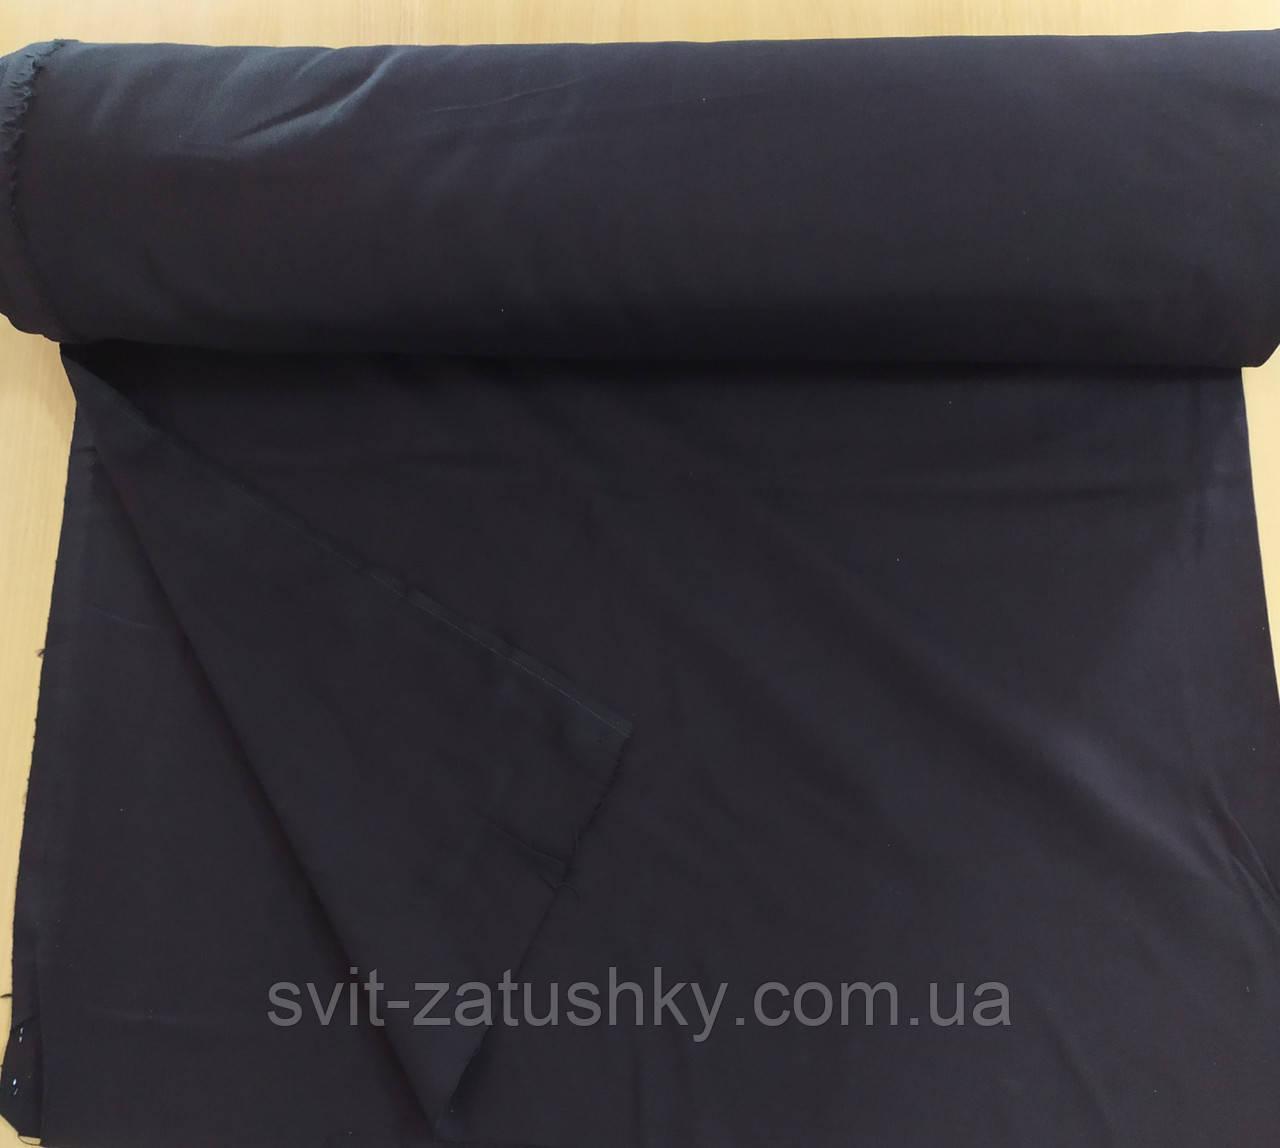 Домотканное полотно для вышивки гребенное черное